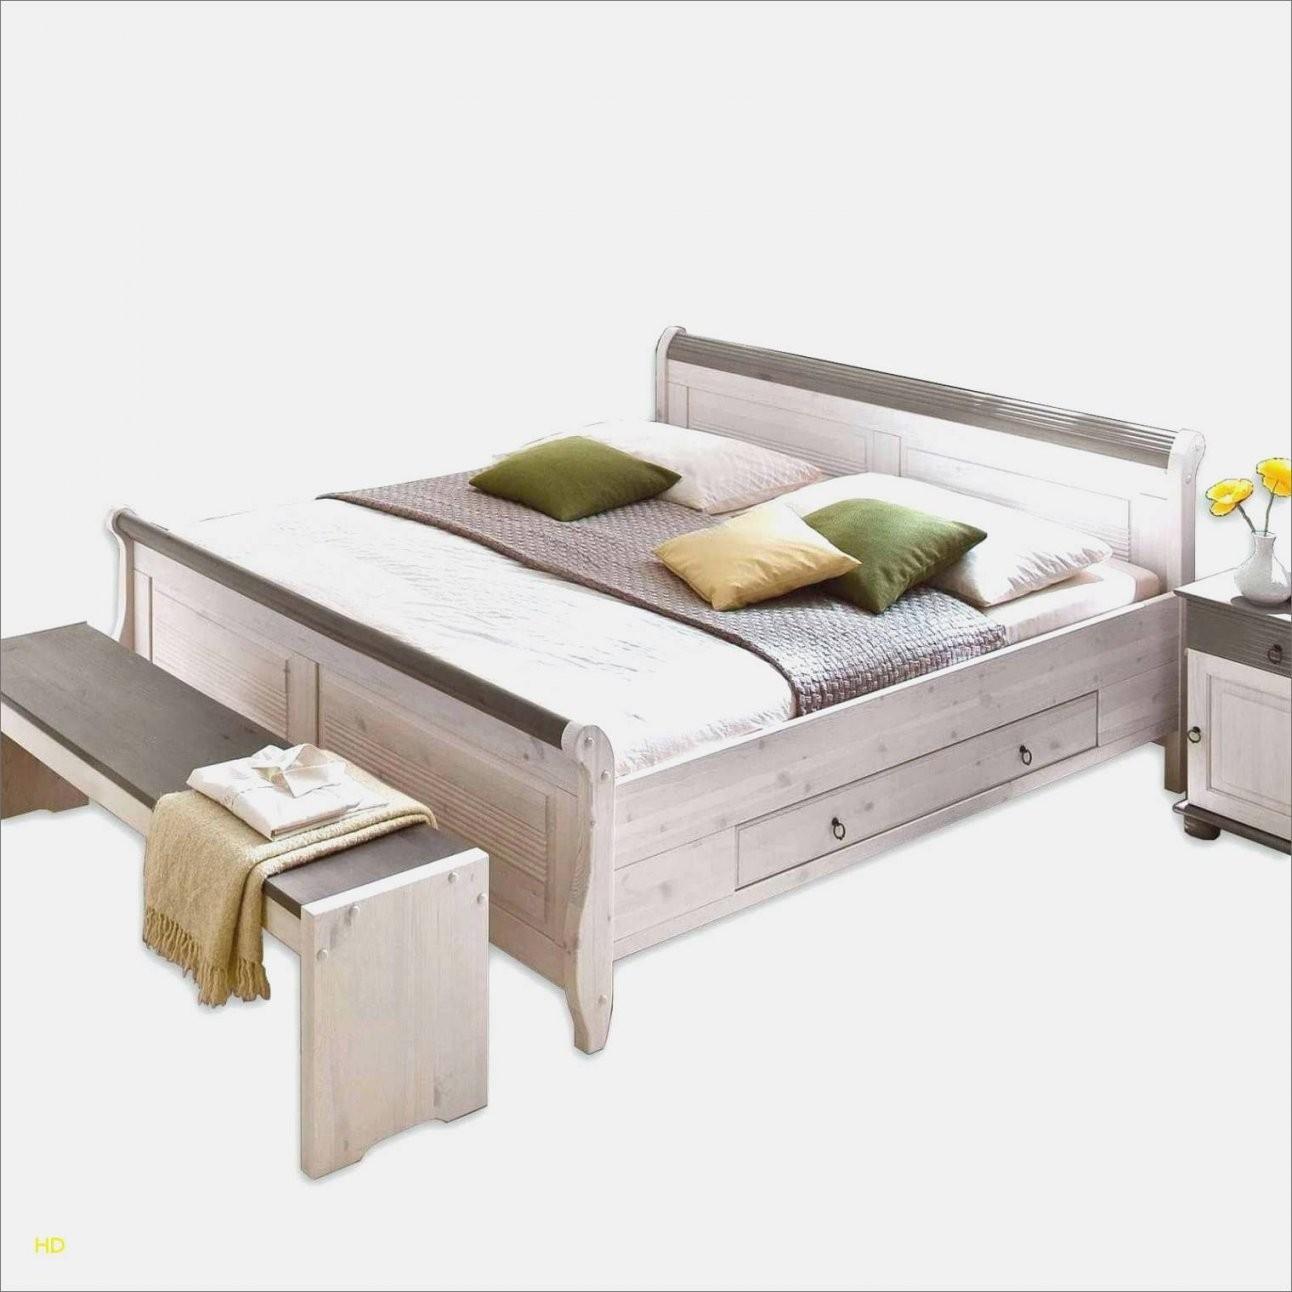 Futonbett 120×200 Beste Bett 120×200 Mit Lattenrost Und Matratze von Futonbett 120X200 Mit Lattenrost Und Matratze Bild